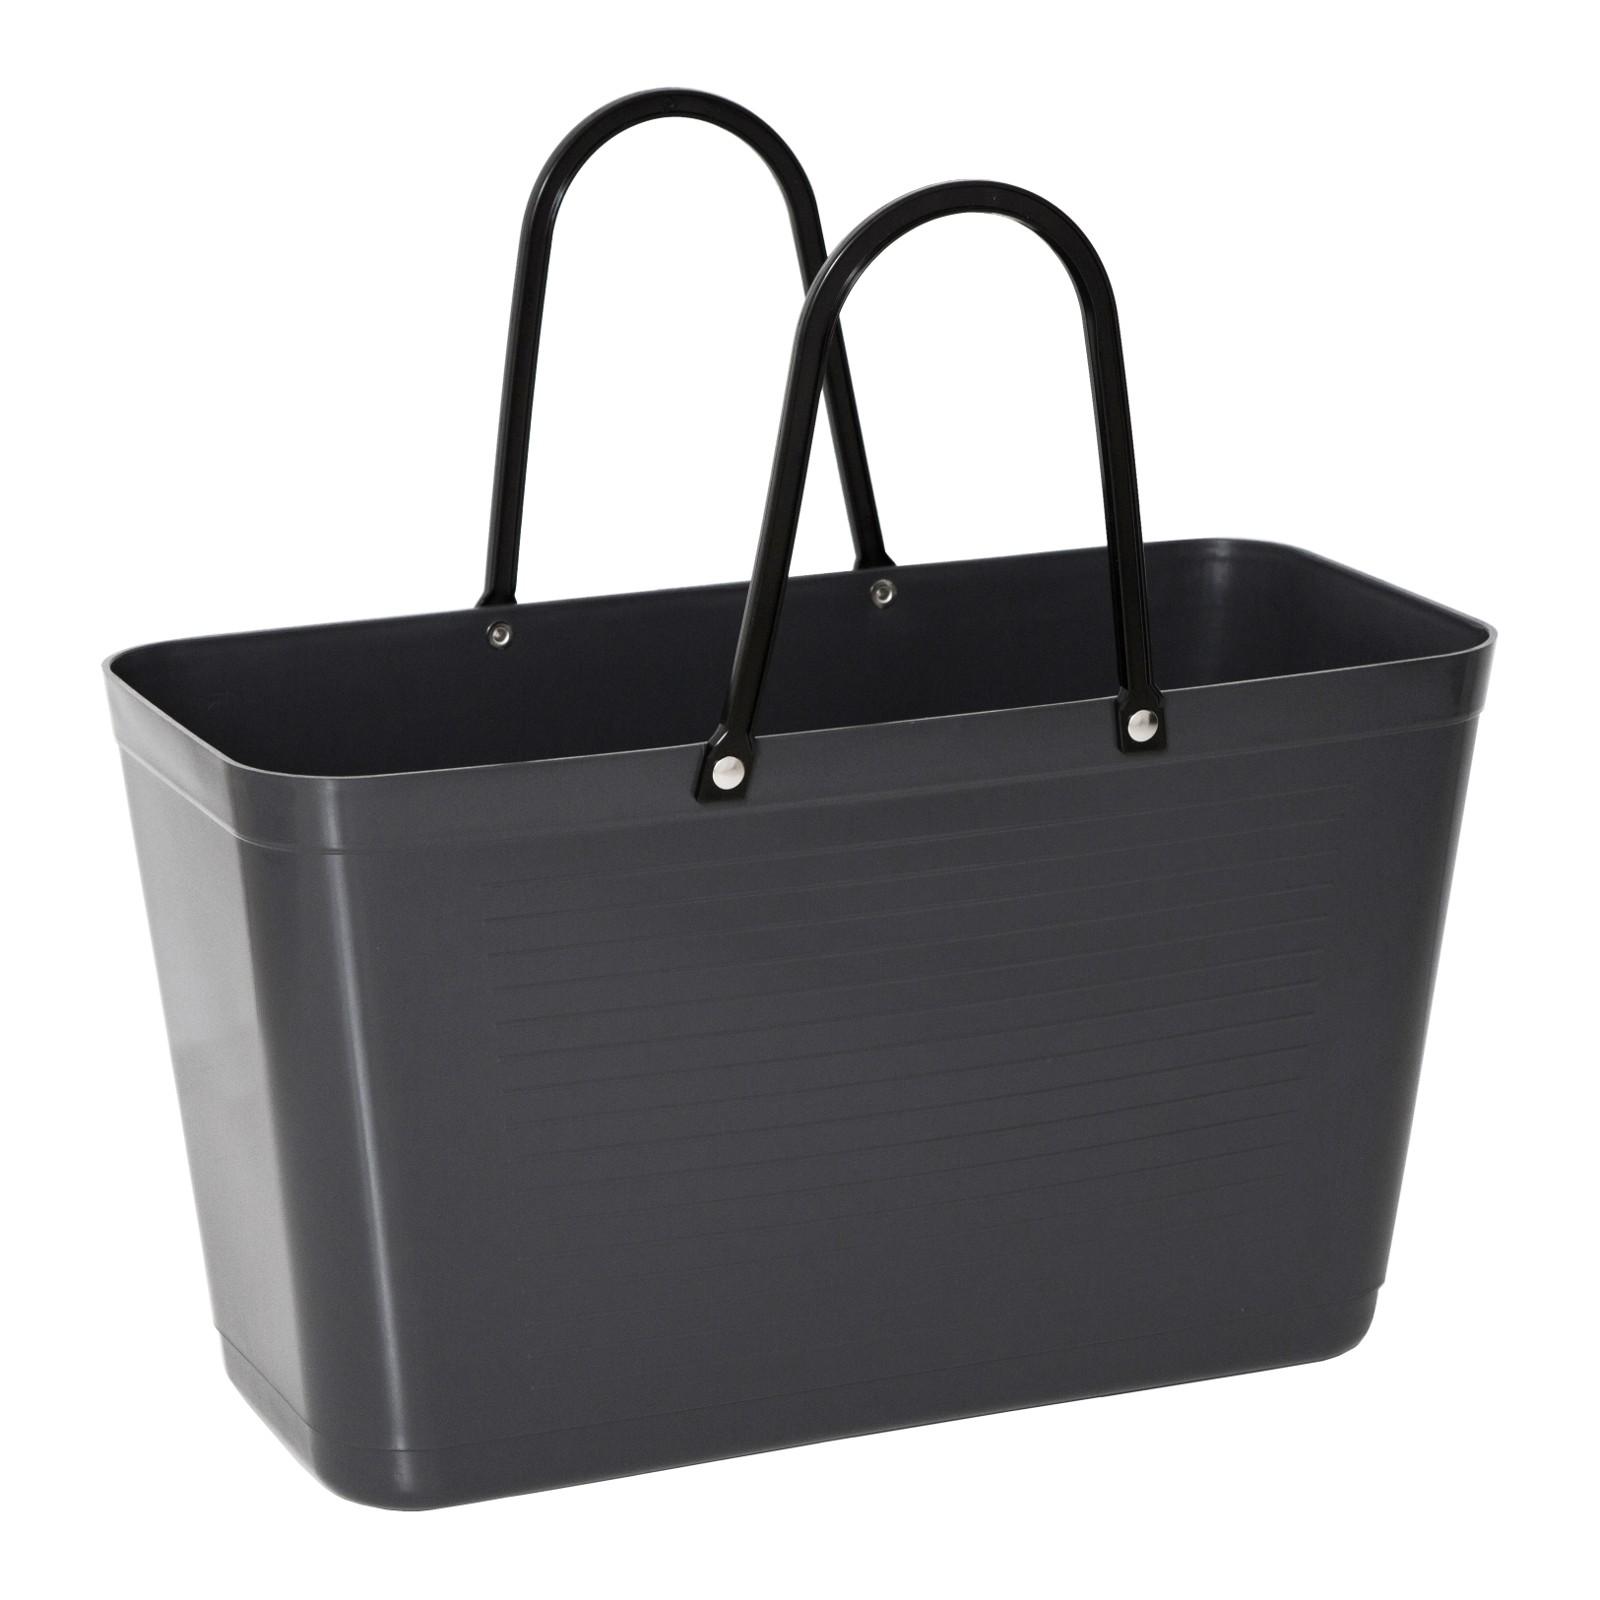 hinza 005-hinza-bag-large-dark-grey